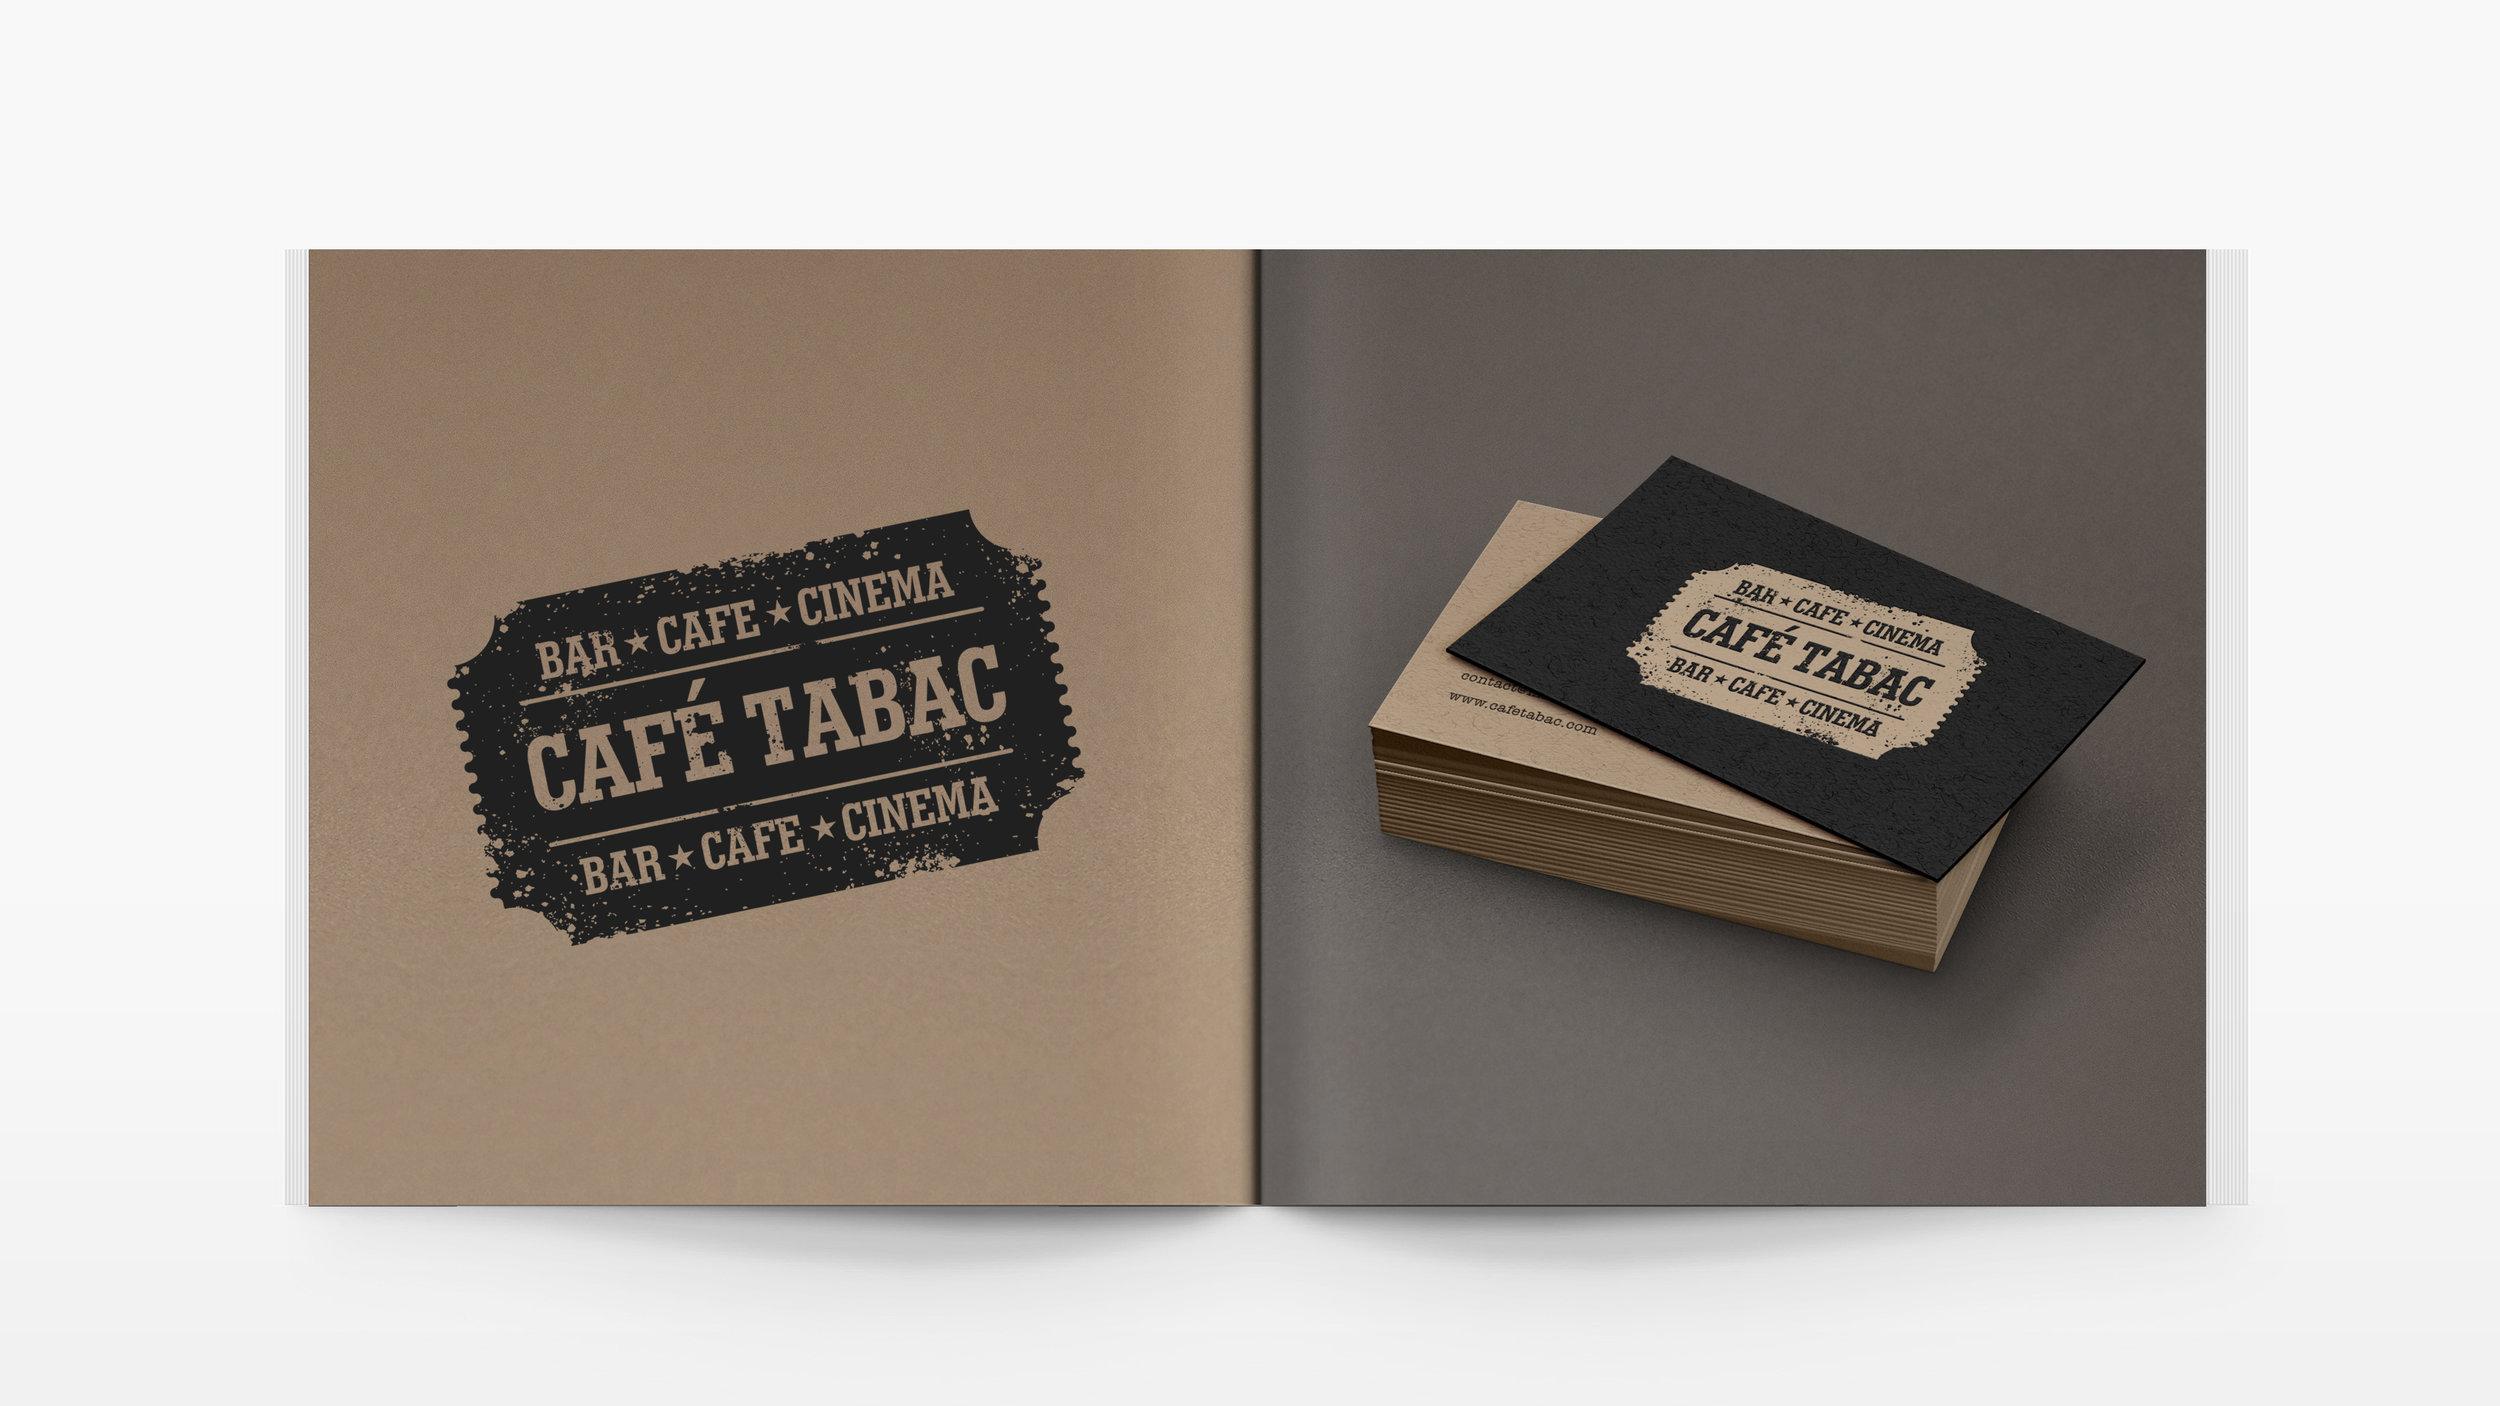 Brand_republica_branding_and_interior_design_cafe_tabac_01.jpg